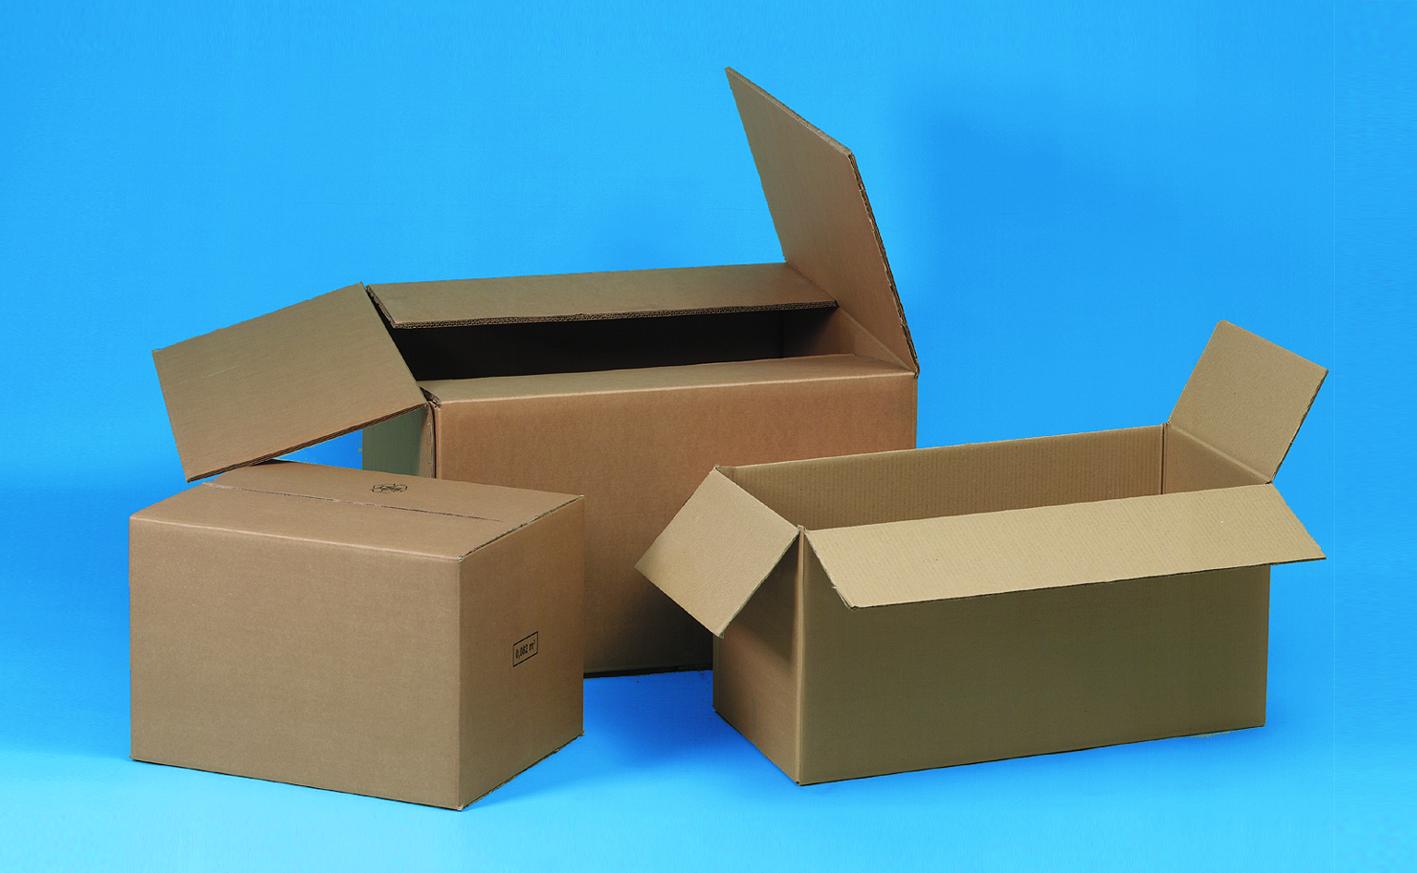 Wellkartonboxen, Faltschachteln, Karton-Verpackung